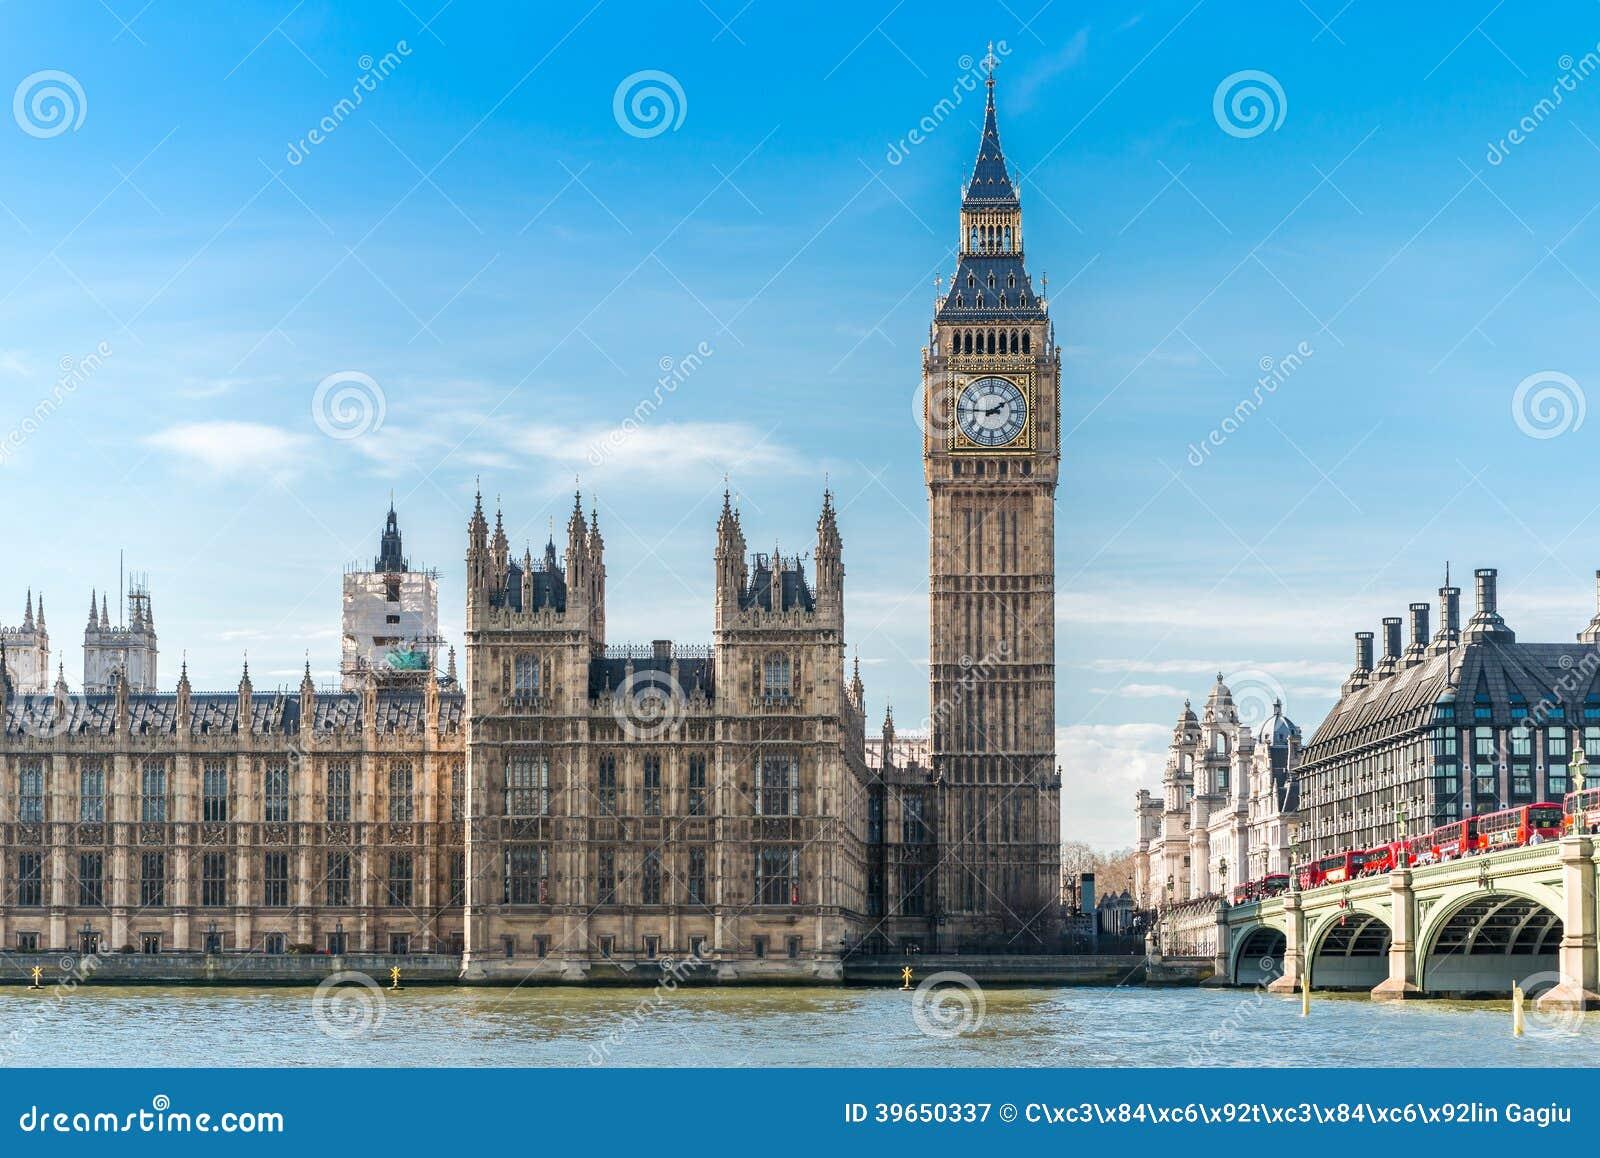 Londyn (Big Ben)